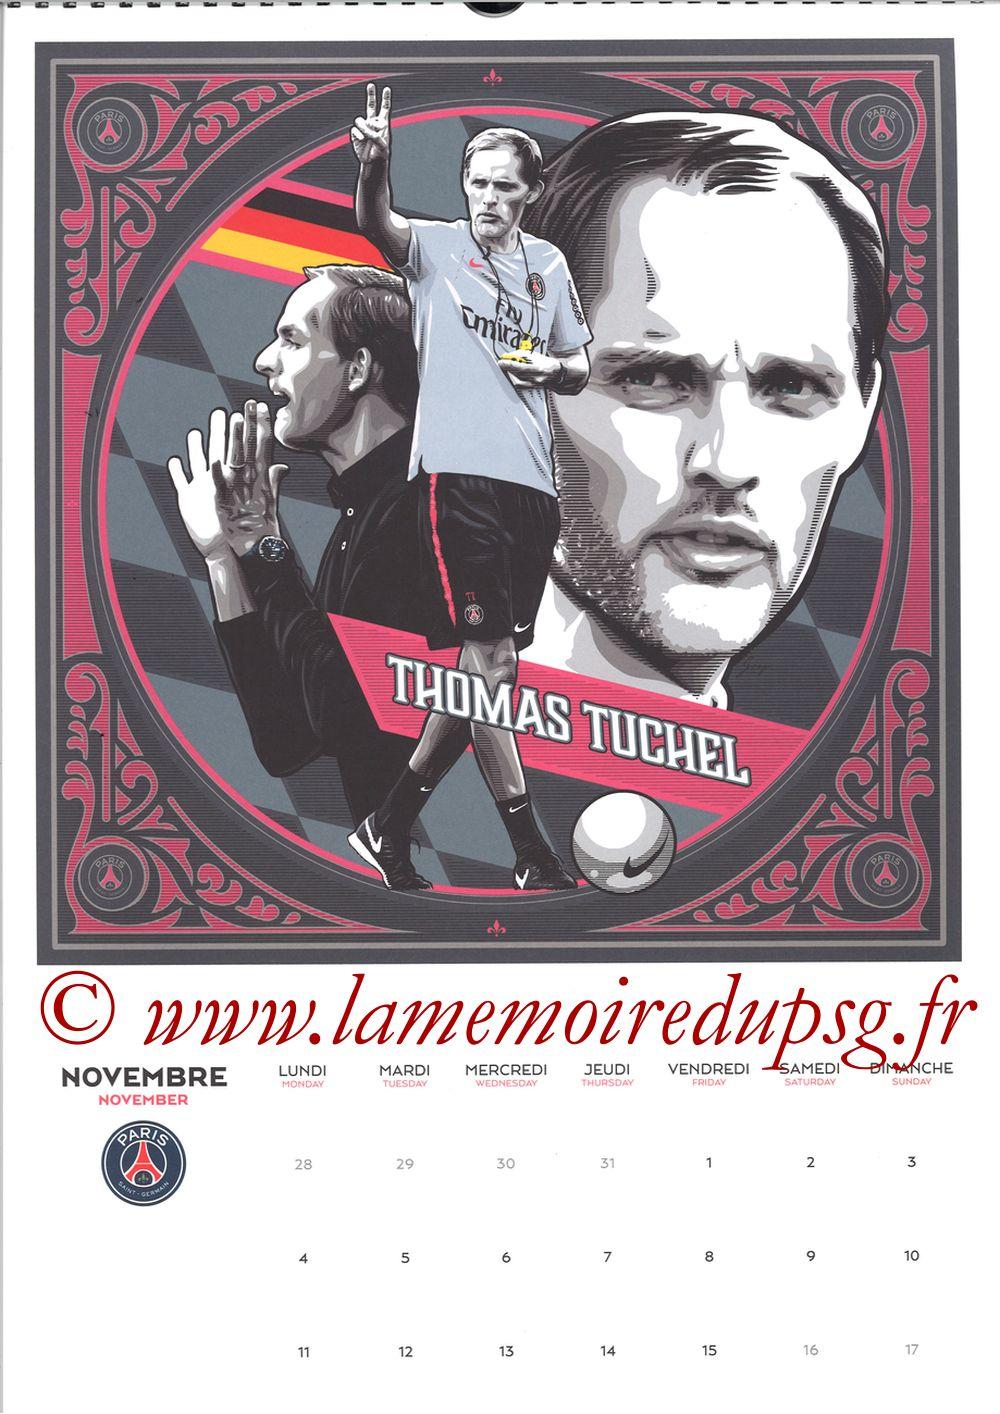 Calendrier PSG 2019 - Page 21 - Thomas TUCHEL